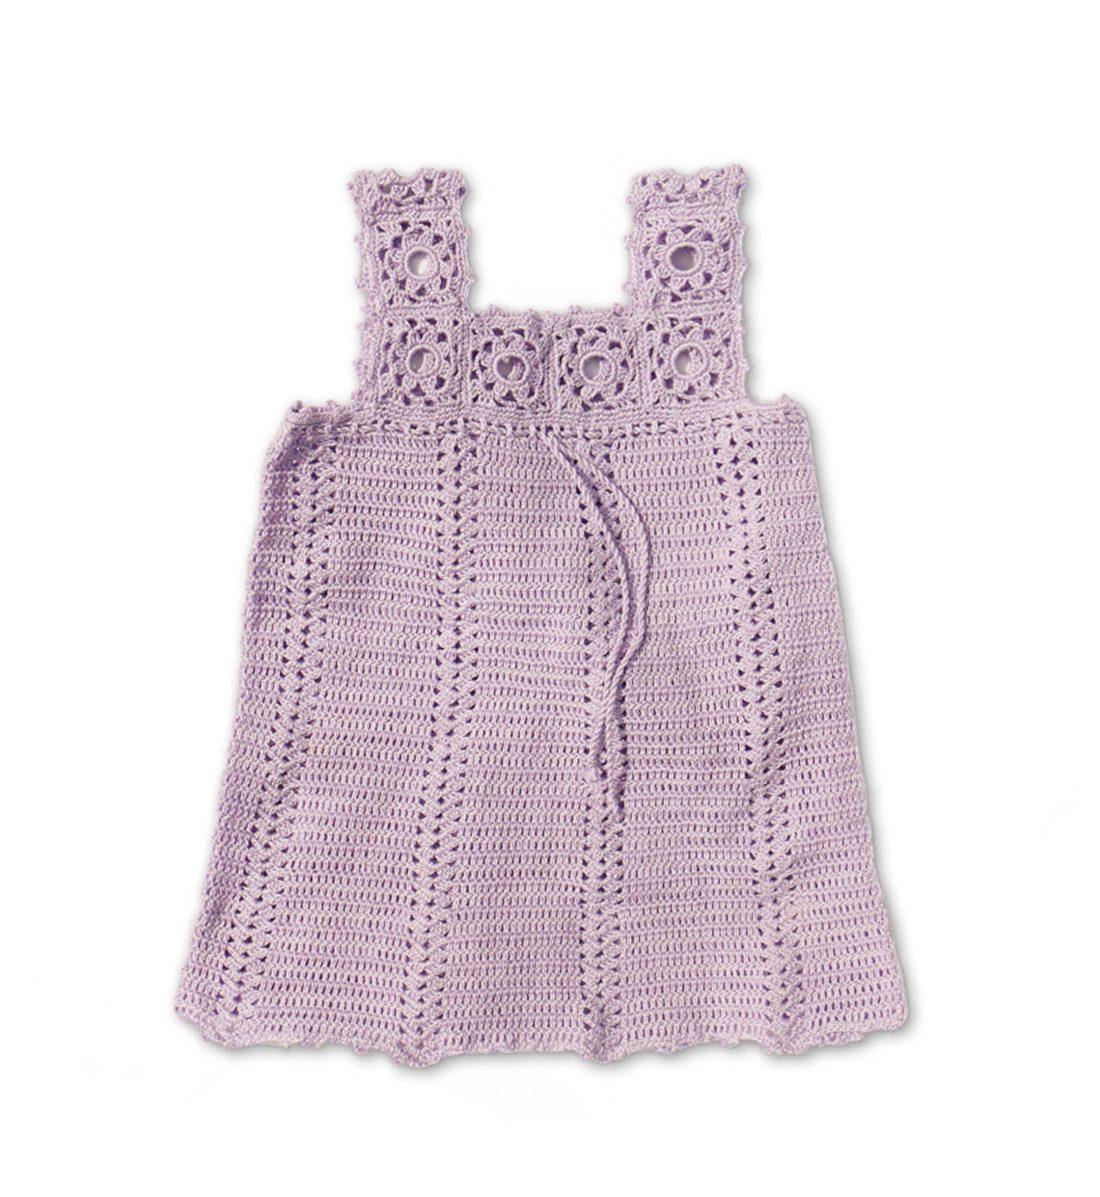 Crochet Soft Cotton Dress 1037 pink